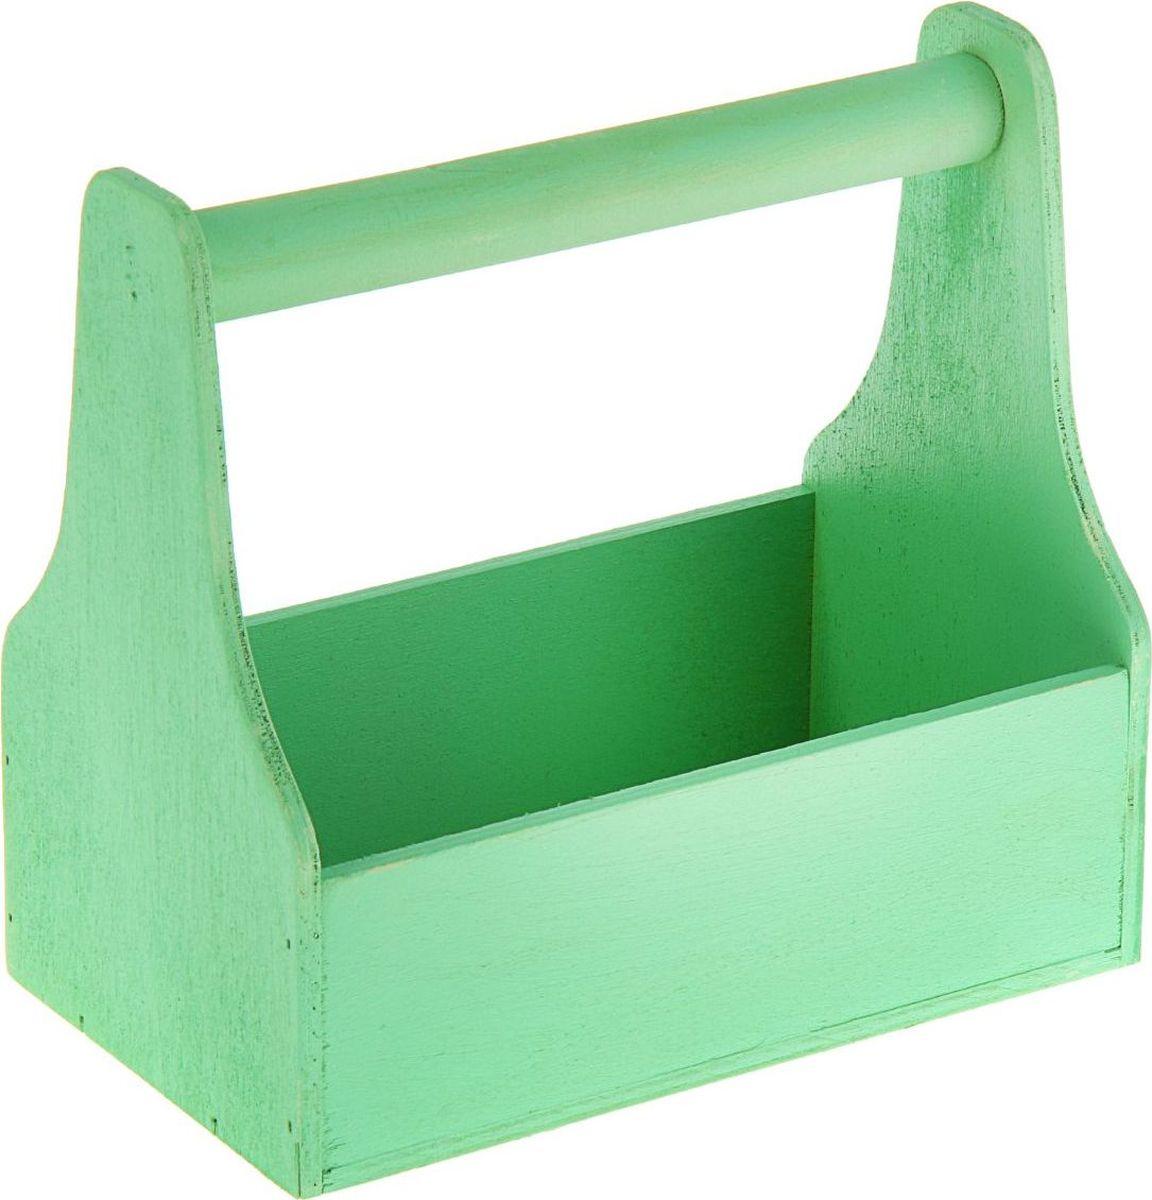 Кашпо ТД ДМ Ящик для инструментов, цвет: зеленый, 20 х 20 х 12,5 см1874335#name# — сувенир в полном смысле этого слова. И главная его задача — хранить воспоминание о месте, где вы побывали, или о том человеке, который подарил данный предмет. Преподнесите эту вещь своему другу, и она станет достойным украшением его дома.